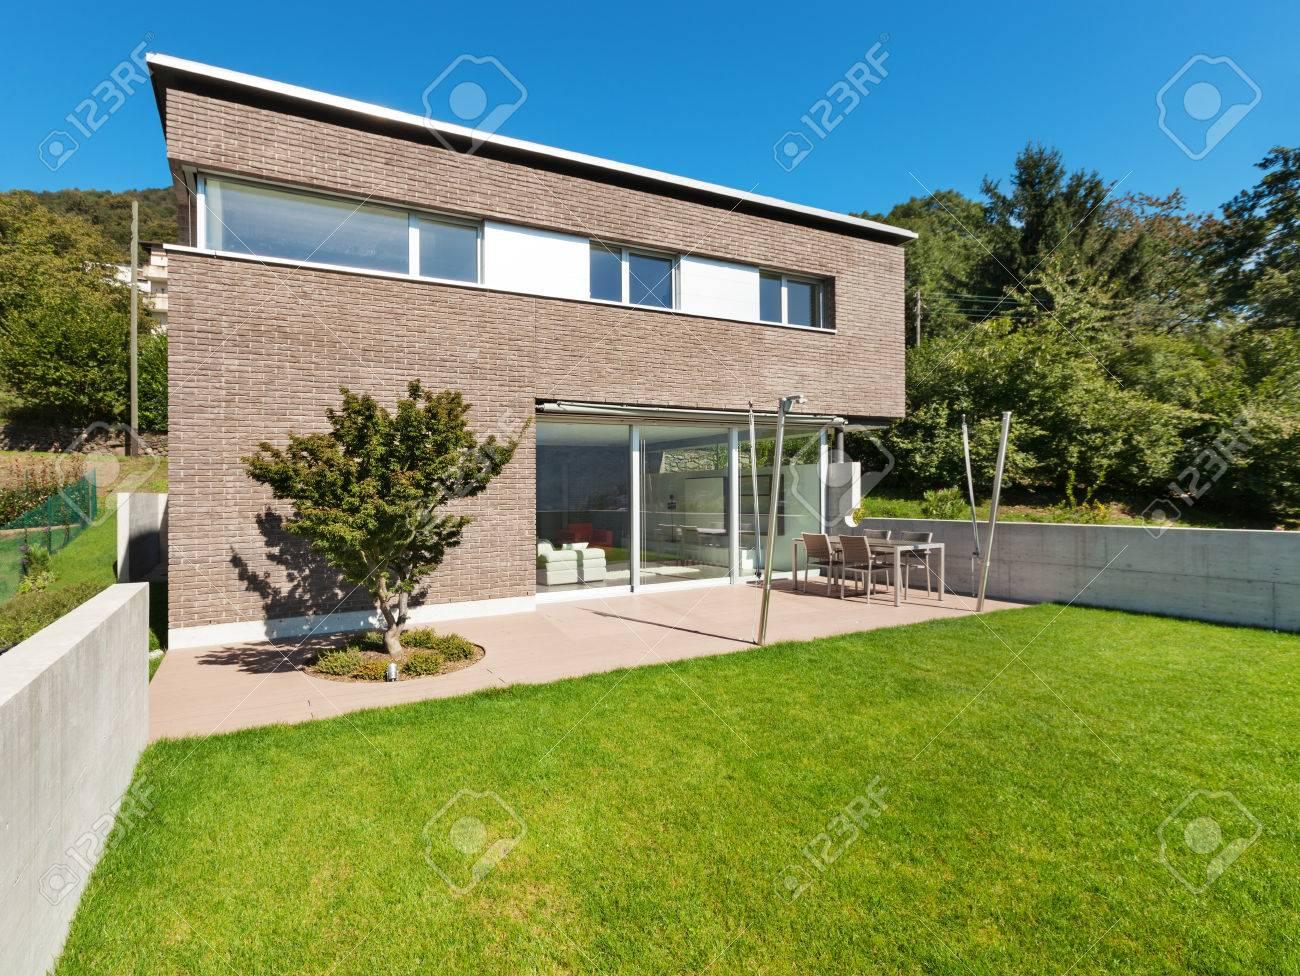 Architektur Modernes Design, Schönes Haus, Im Freien Lizenzfreie ...